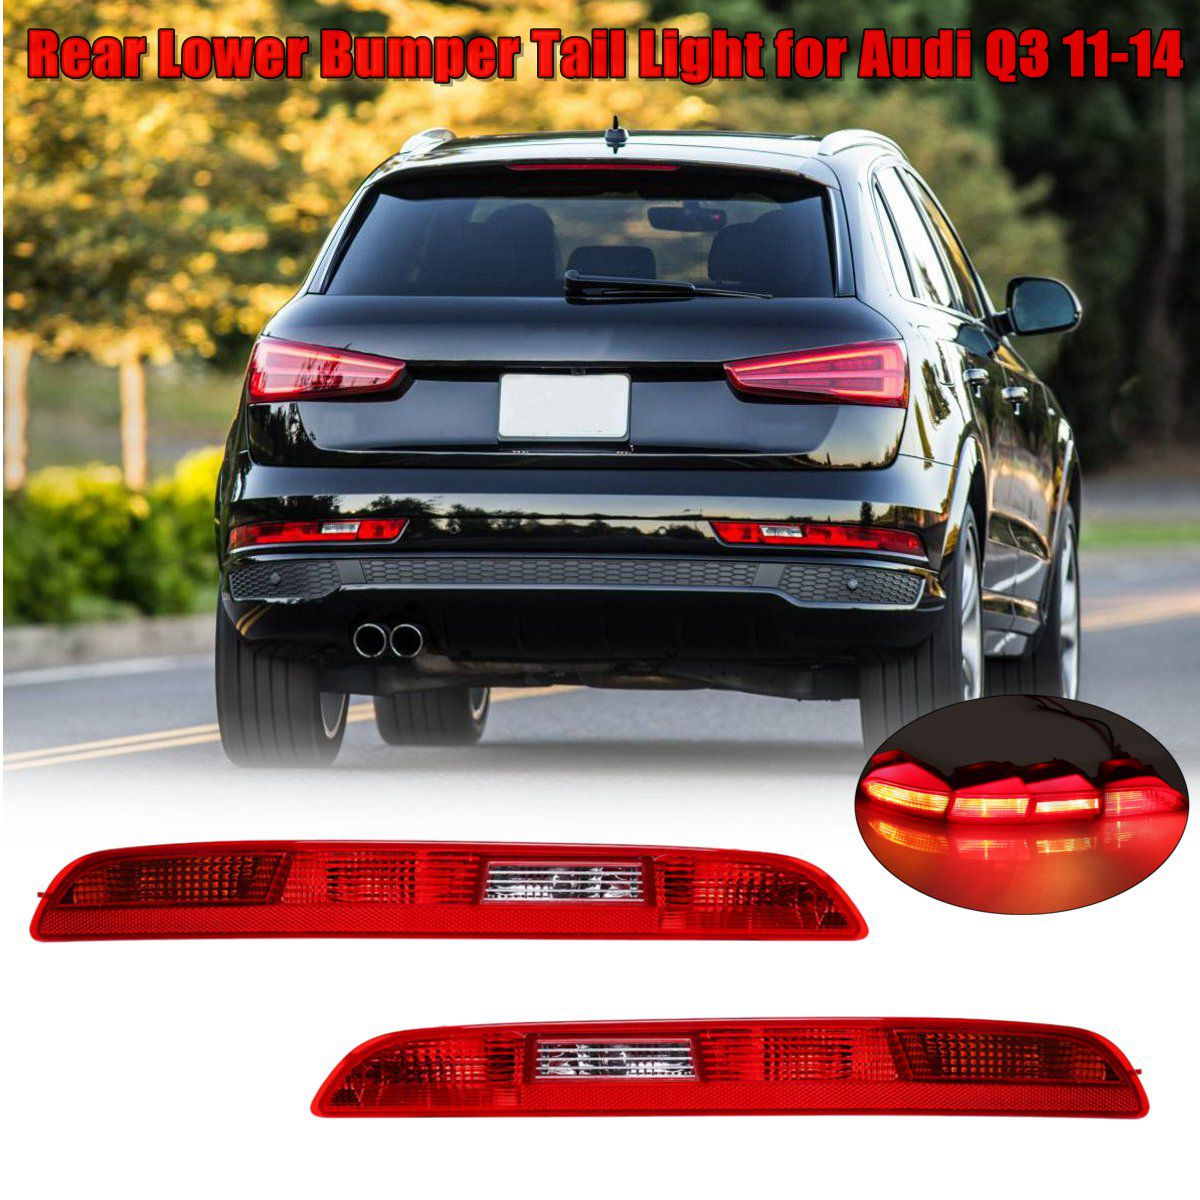 Новый влево/вправо автомобиль с задней стороны нижней части бампера Противотуманные огни хвост светло-красный обратного тормозного Галоге...